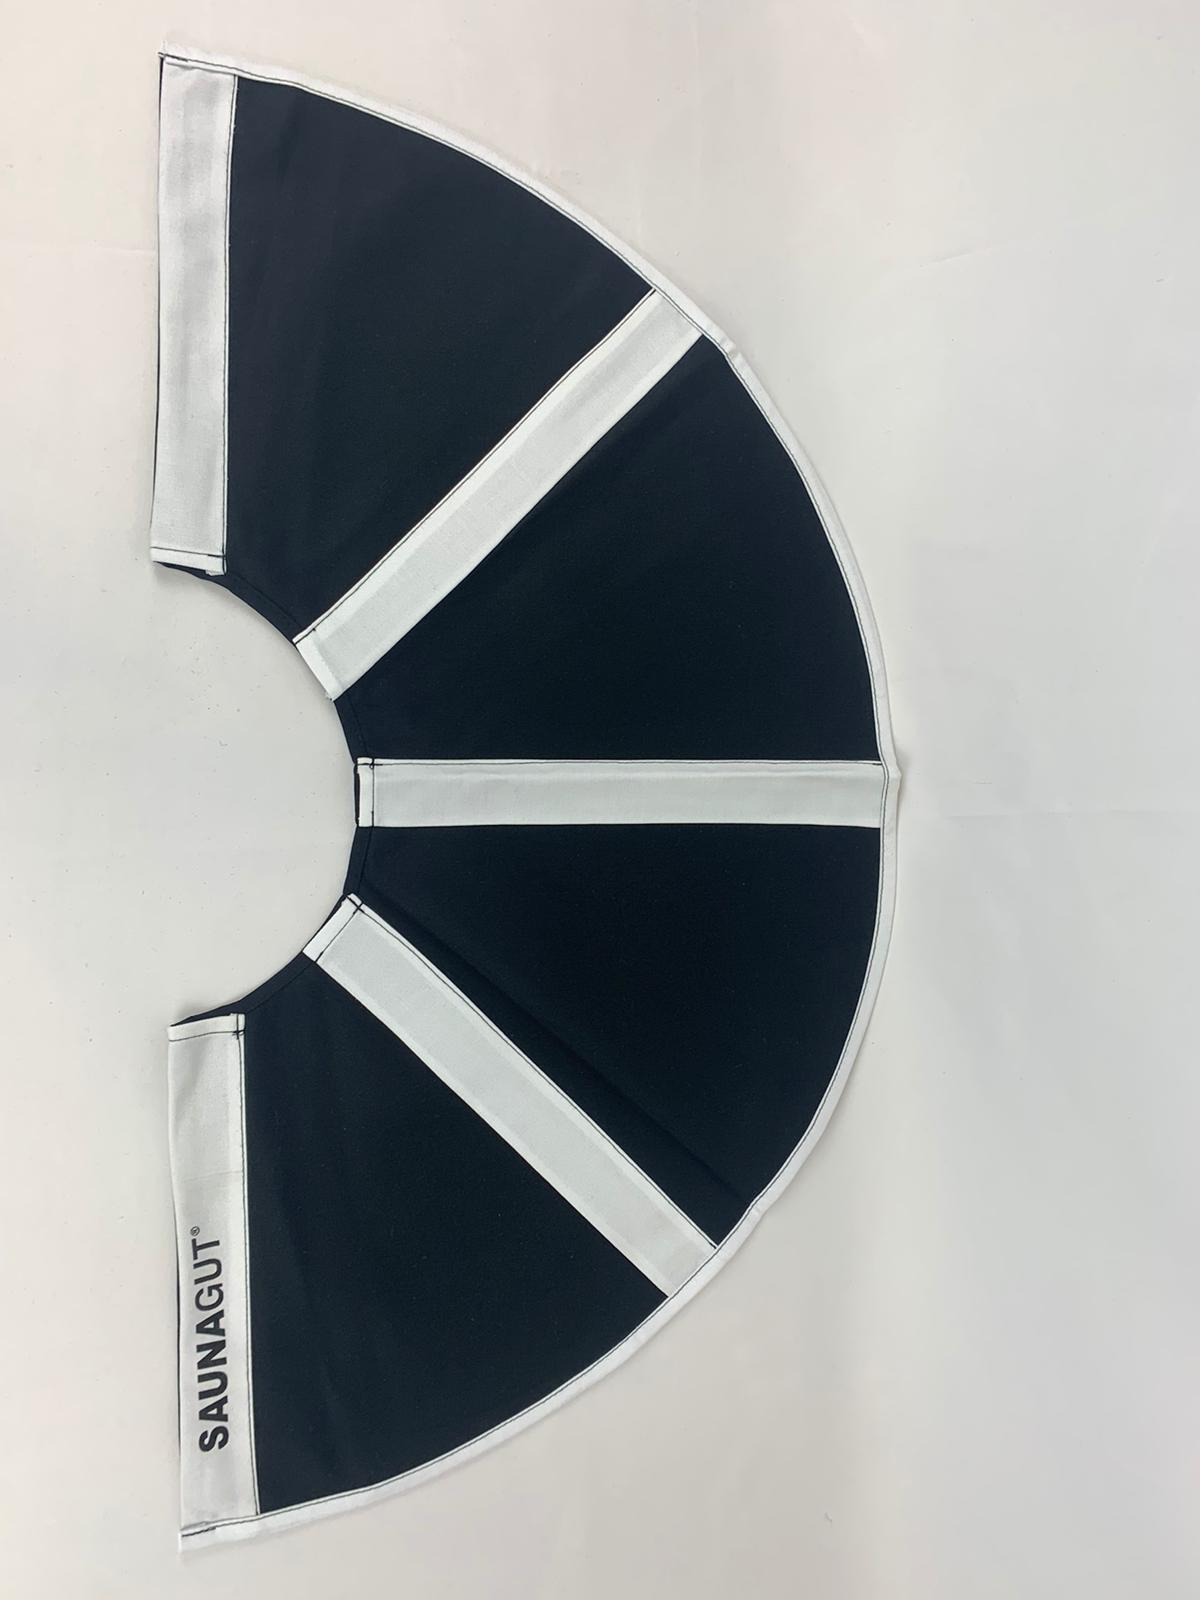 003-ES-AFS-DBW | Ersatzstoff Aufgussfächer STANDARD Dunkelblau-weiß